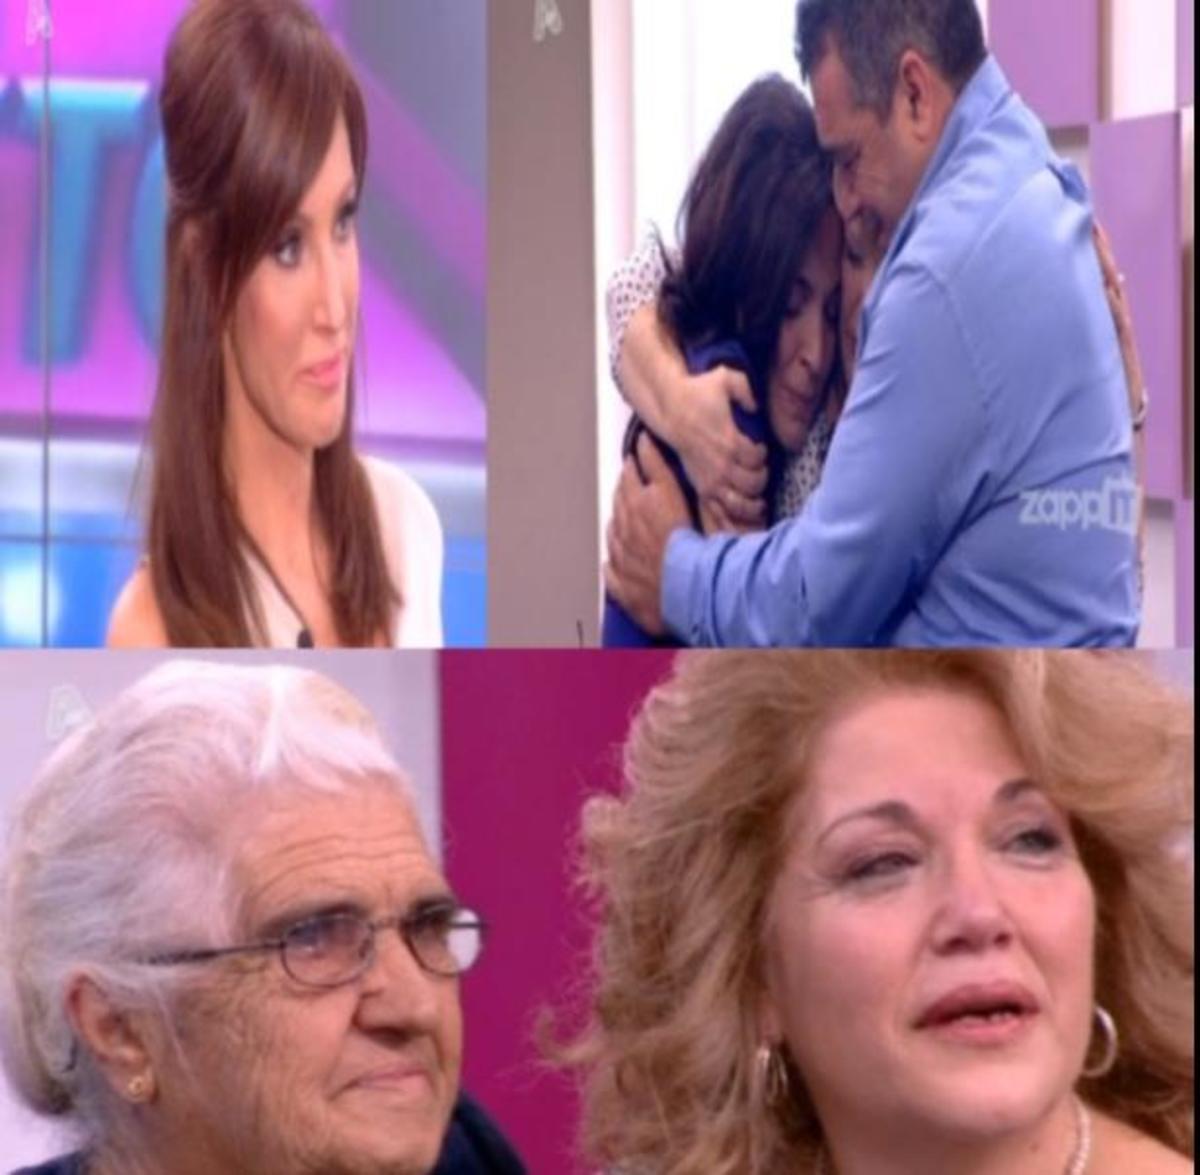 Συγκλονιστικό Πάμε Πακέτο: Συνάντησε στα 51 της για πρώτη φορά τη βιολογική της μητέρα και τα δύο της αδέλφια! | Newsit.gr